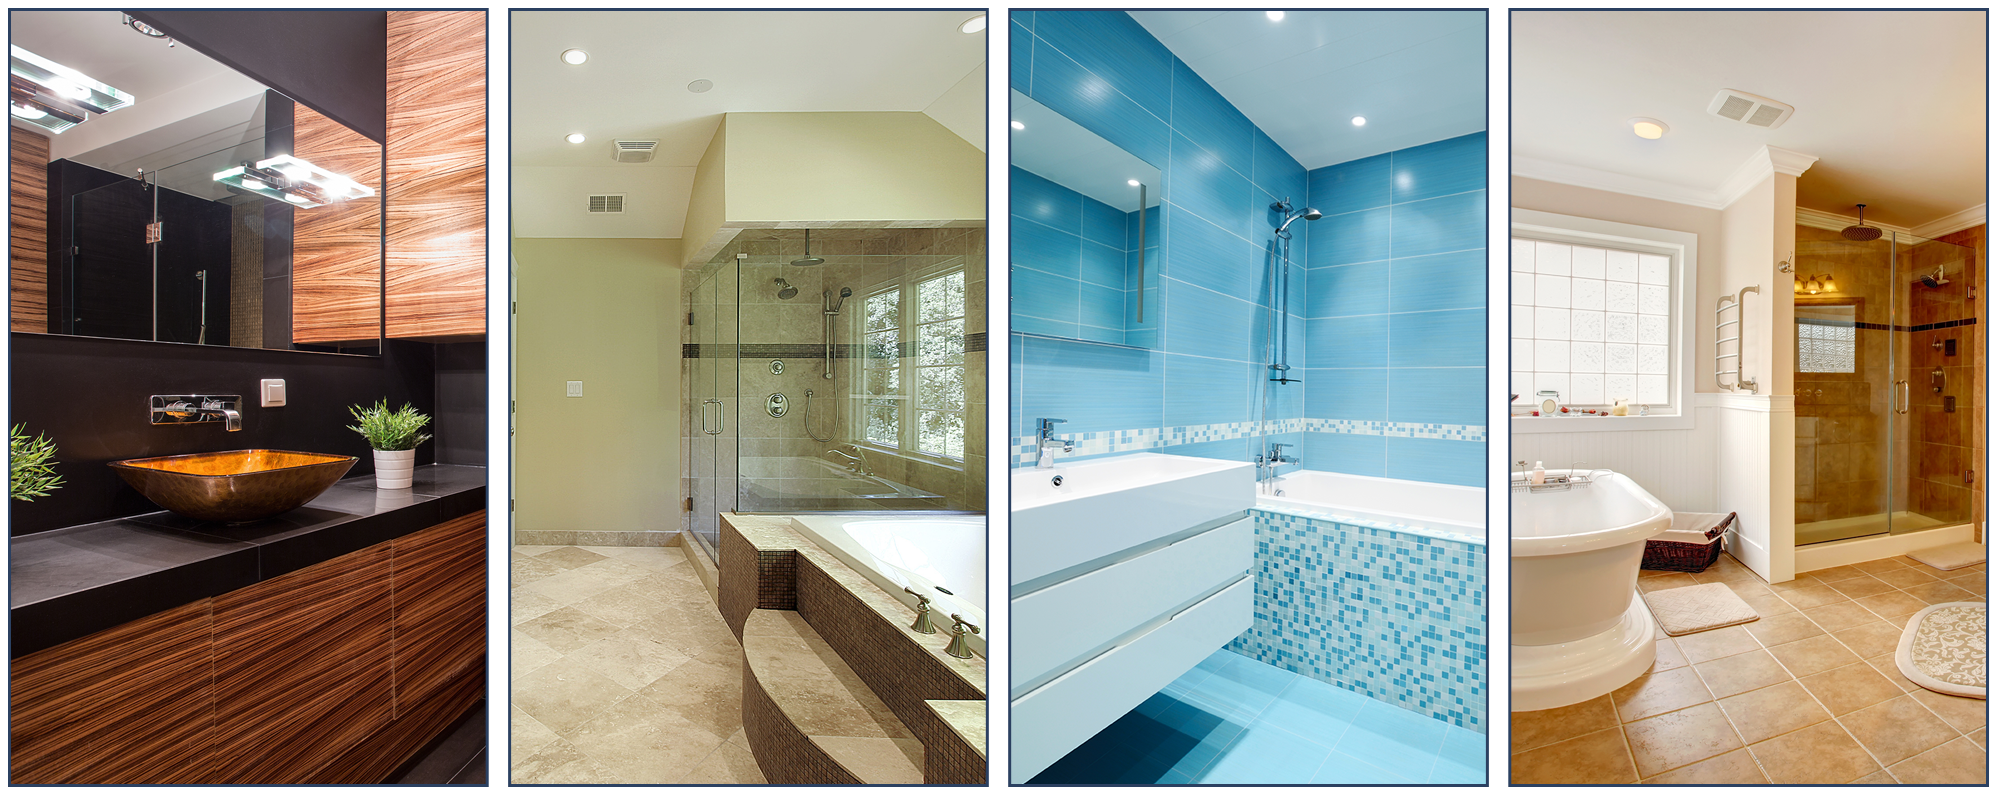 Kass Design & Build - Home Remodeling   Rockville, MD